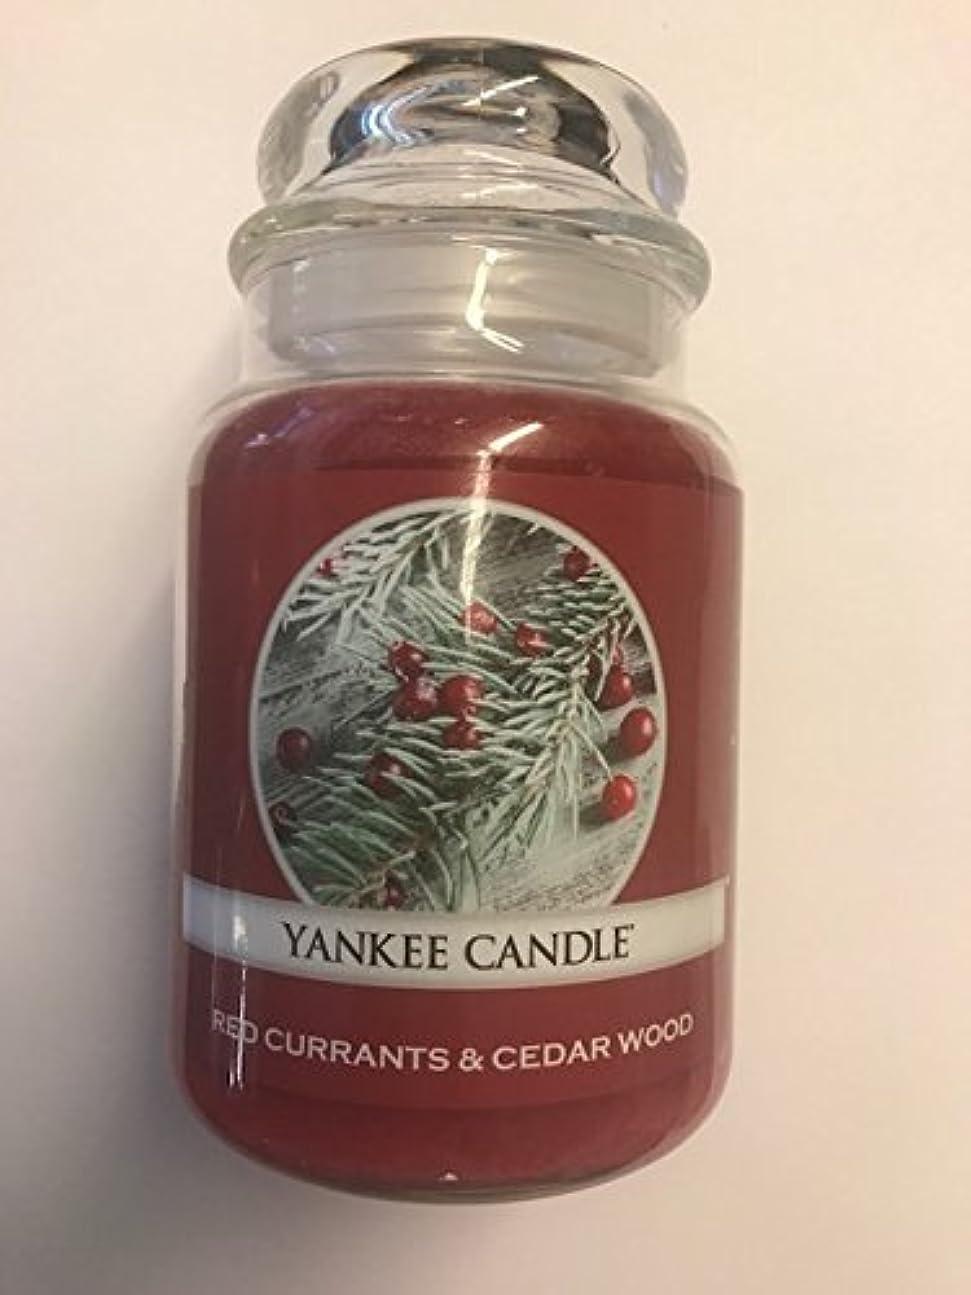 トンネル体細胞無視できるRed Currants & Cedar Wood Yankee Candle / 22 0z